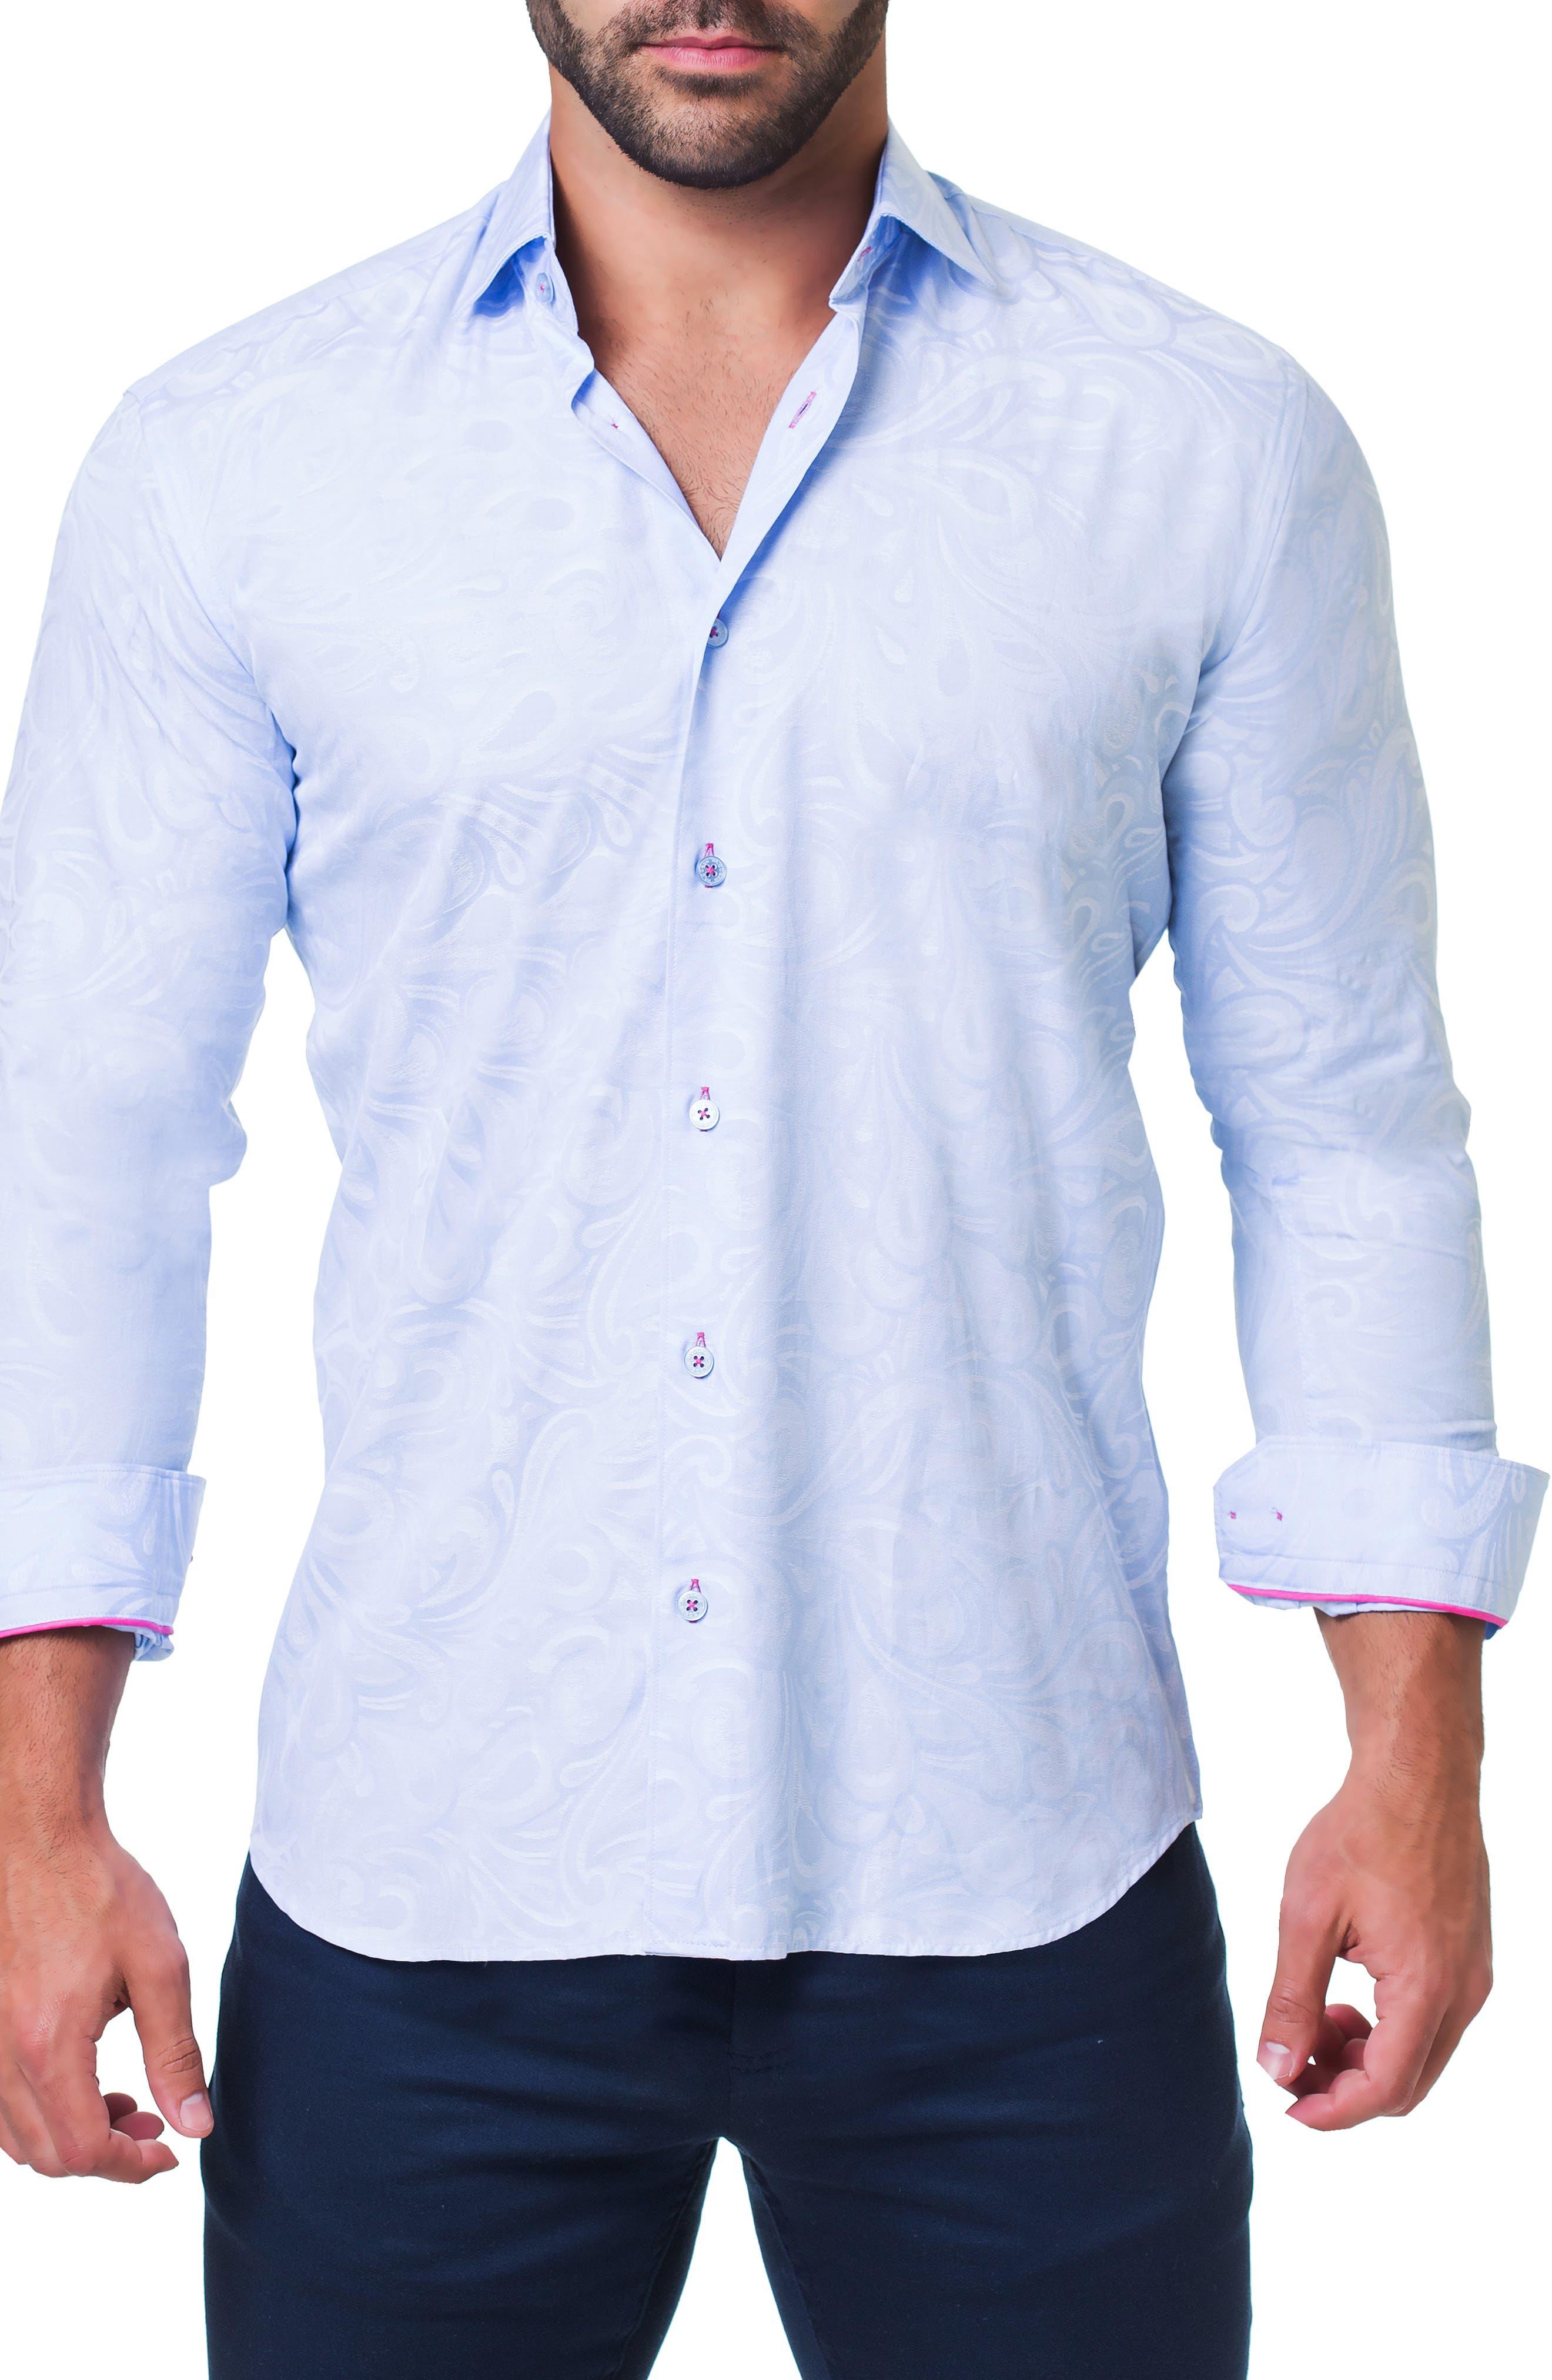 Fibonacci Flow Trim Fit Sport Shirt,                             Alternate thumbnail 4, color,                             BLUE